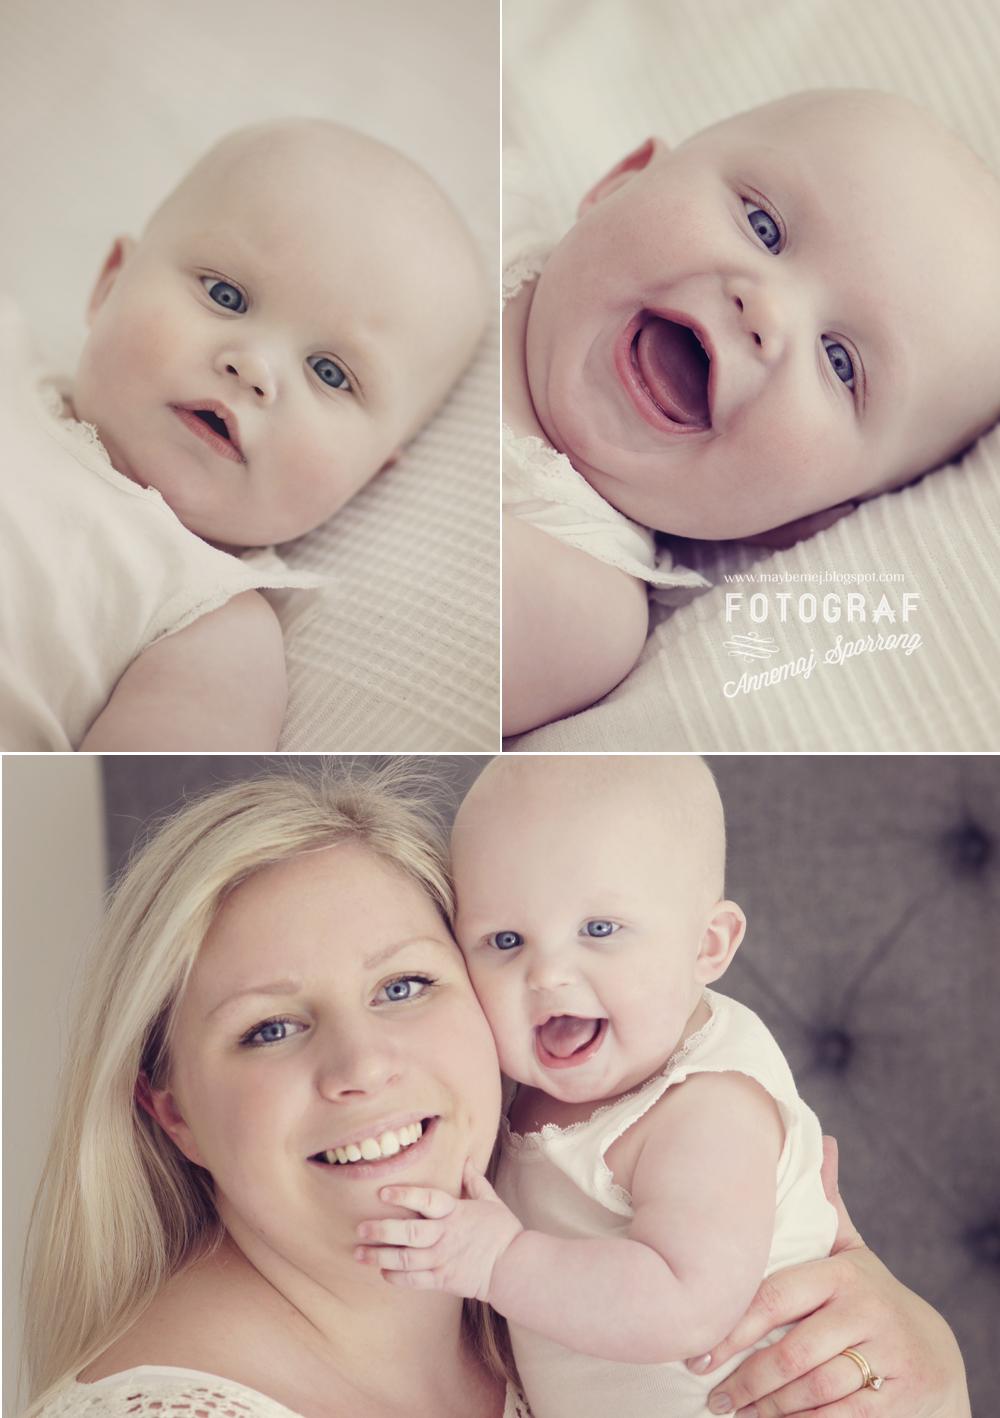 babyphotography-3-900x1276